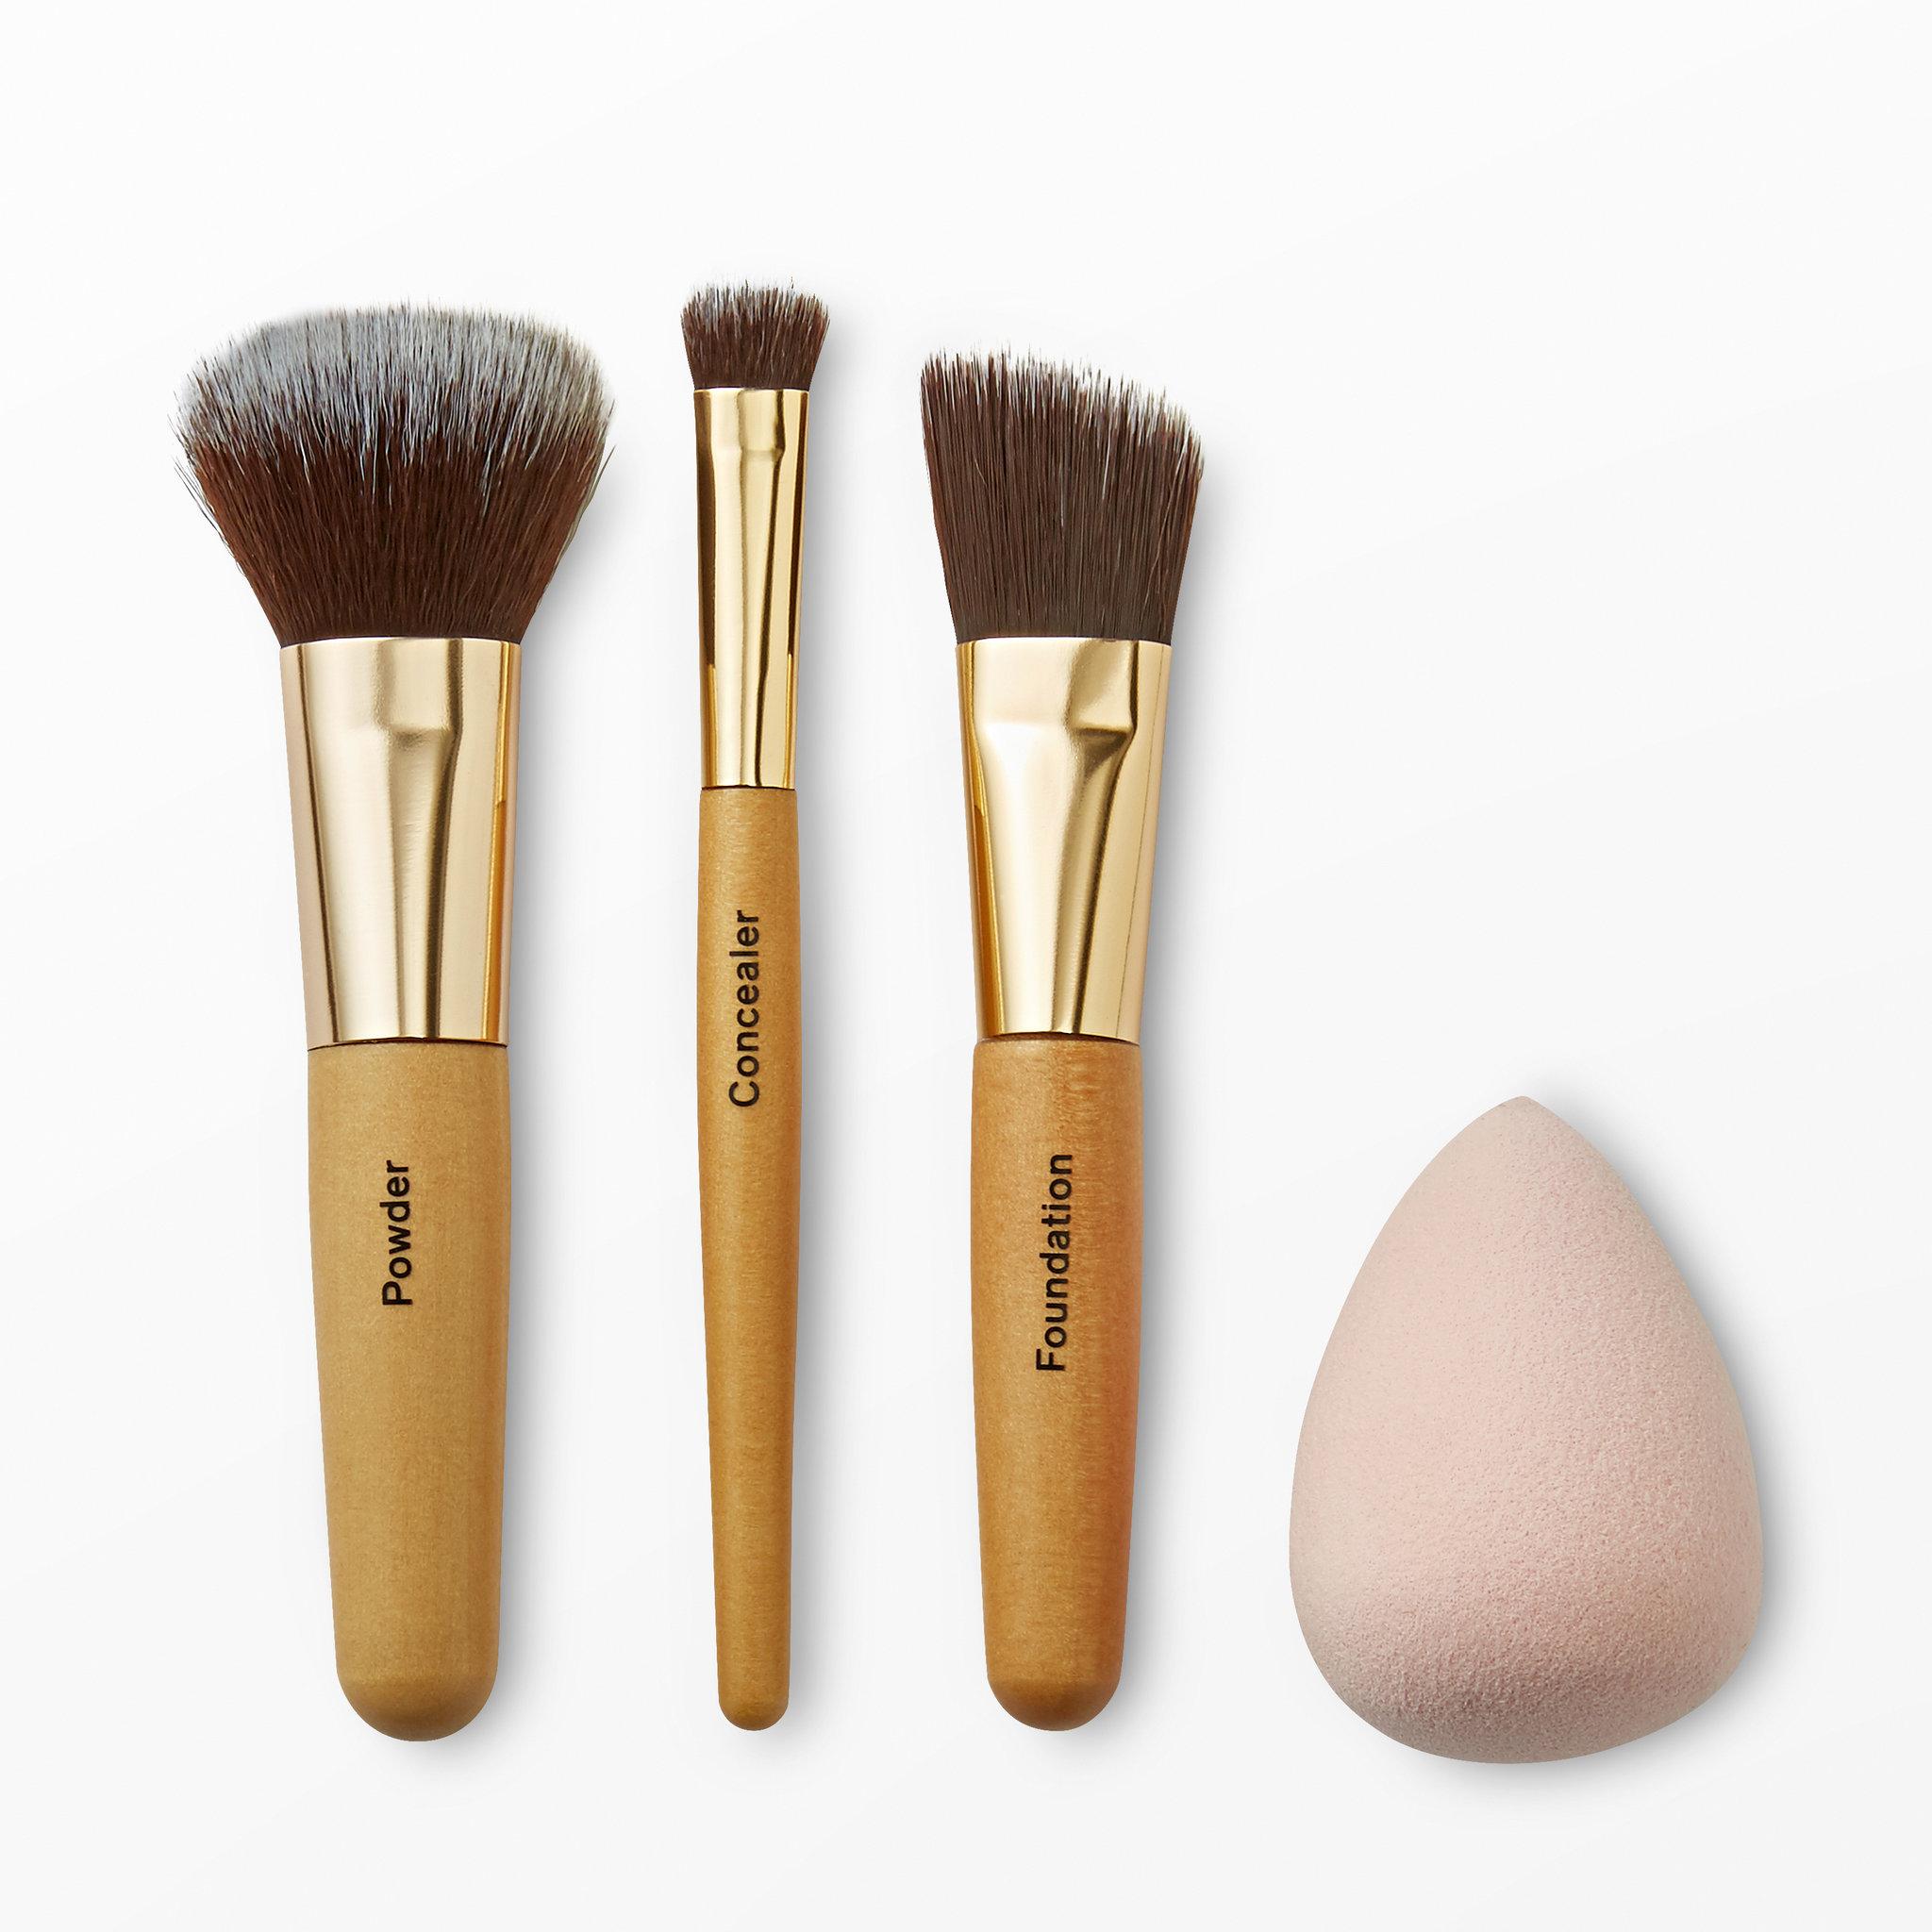 Makeupborste Set - Presentaskar   set - Köp online på åhlens.se! 2d17b65de8a29